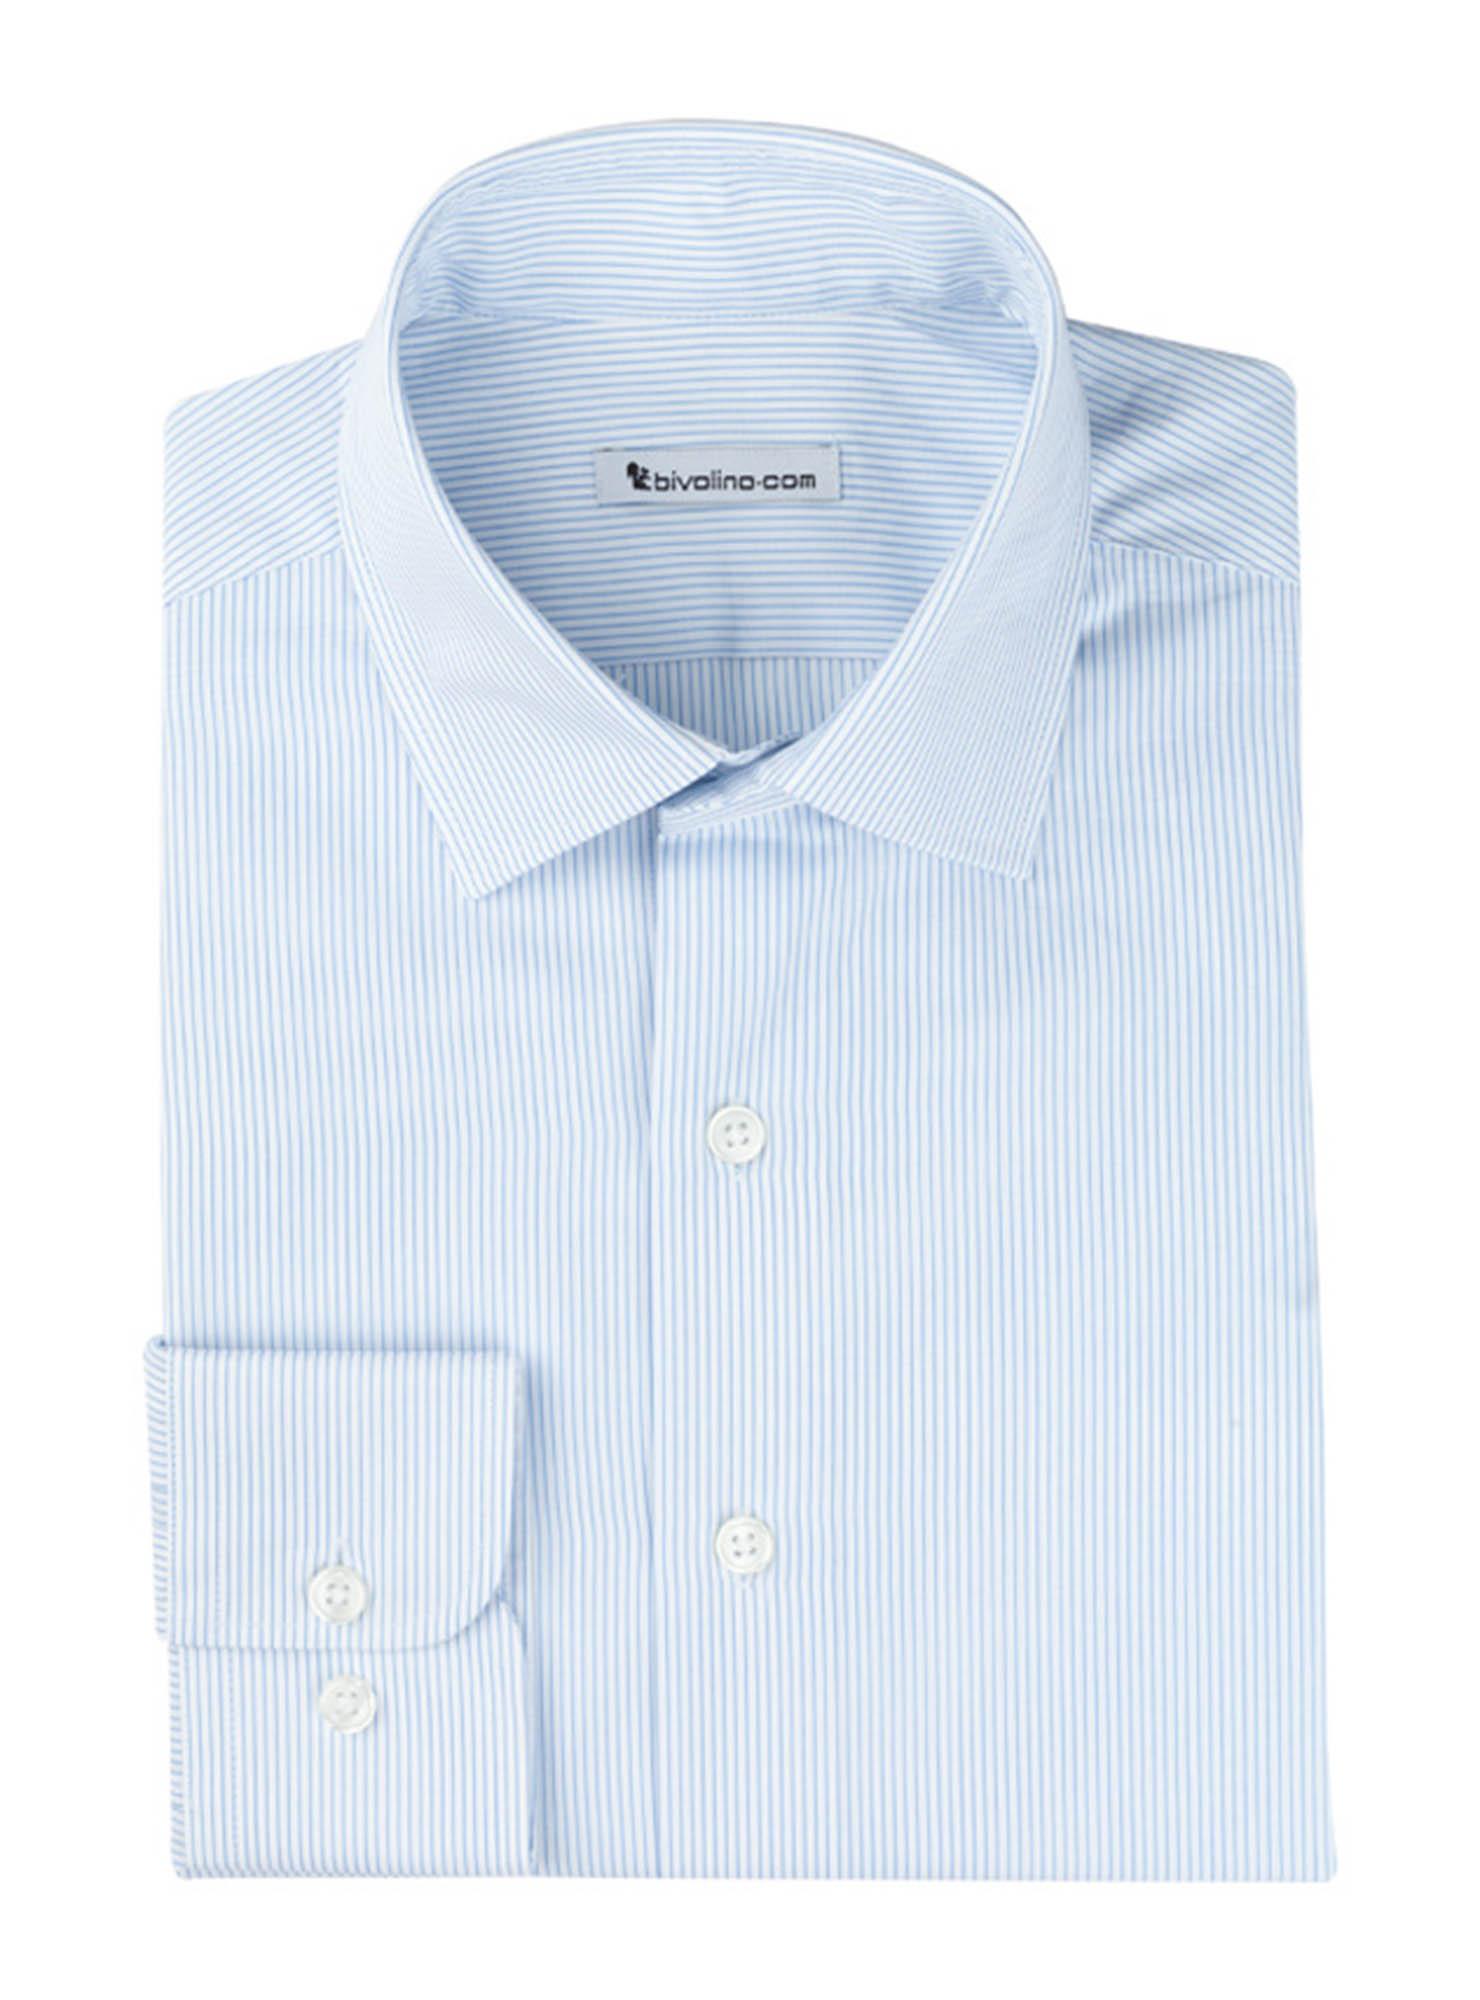 SEZZE - men shirt cotton two-fold 2ply Egyptian - Thomas Mason - ORIS 1